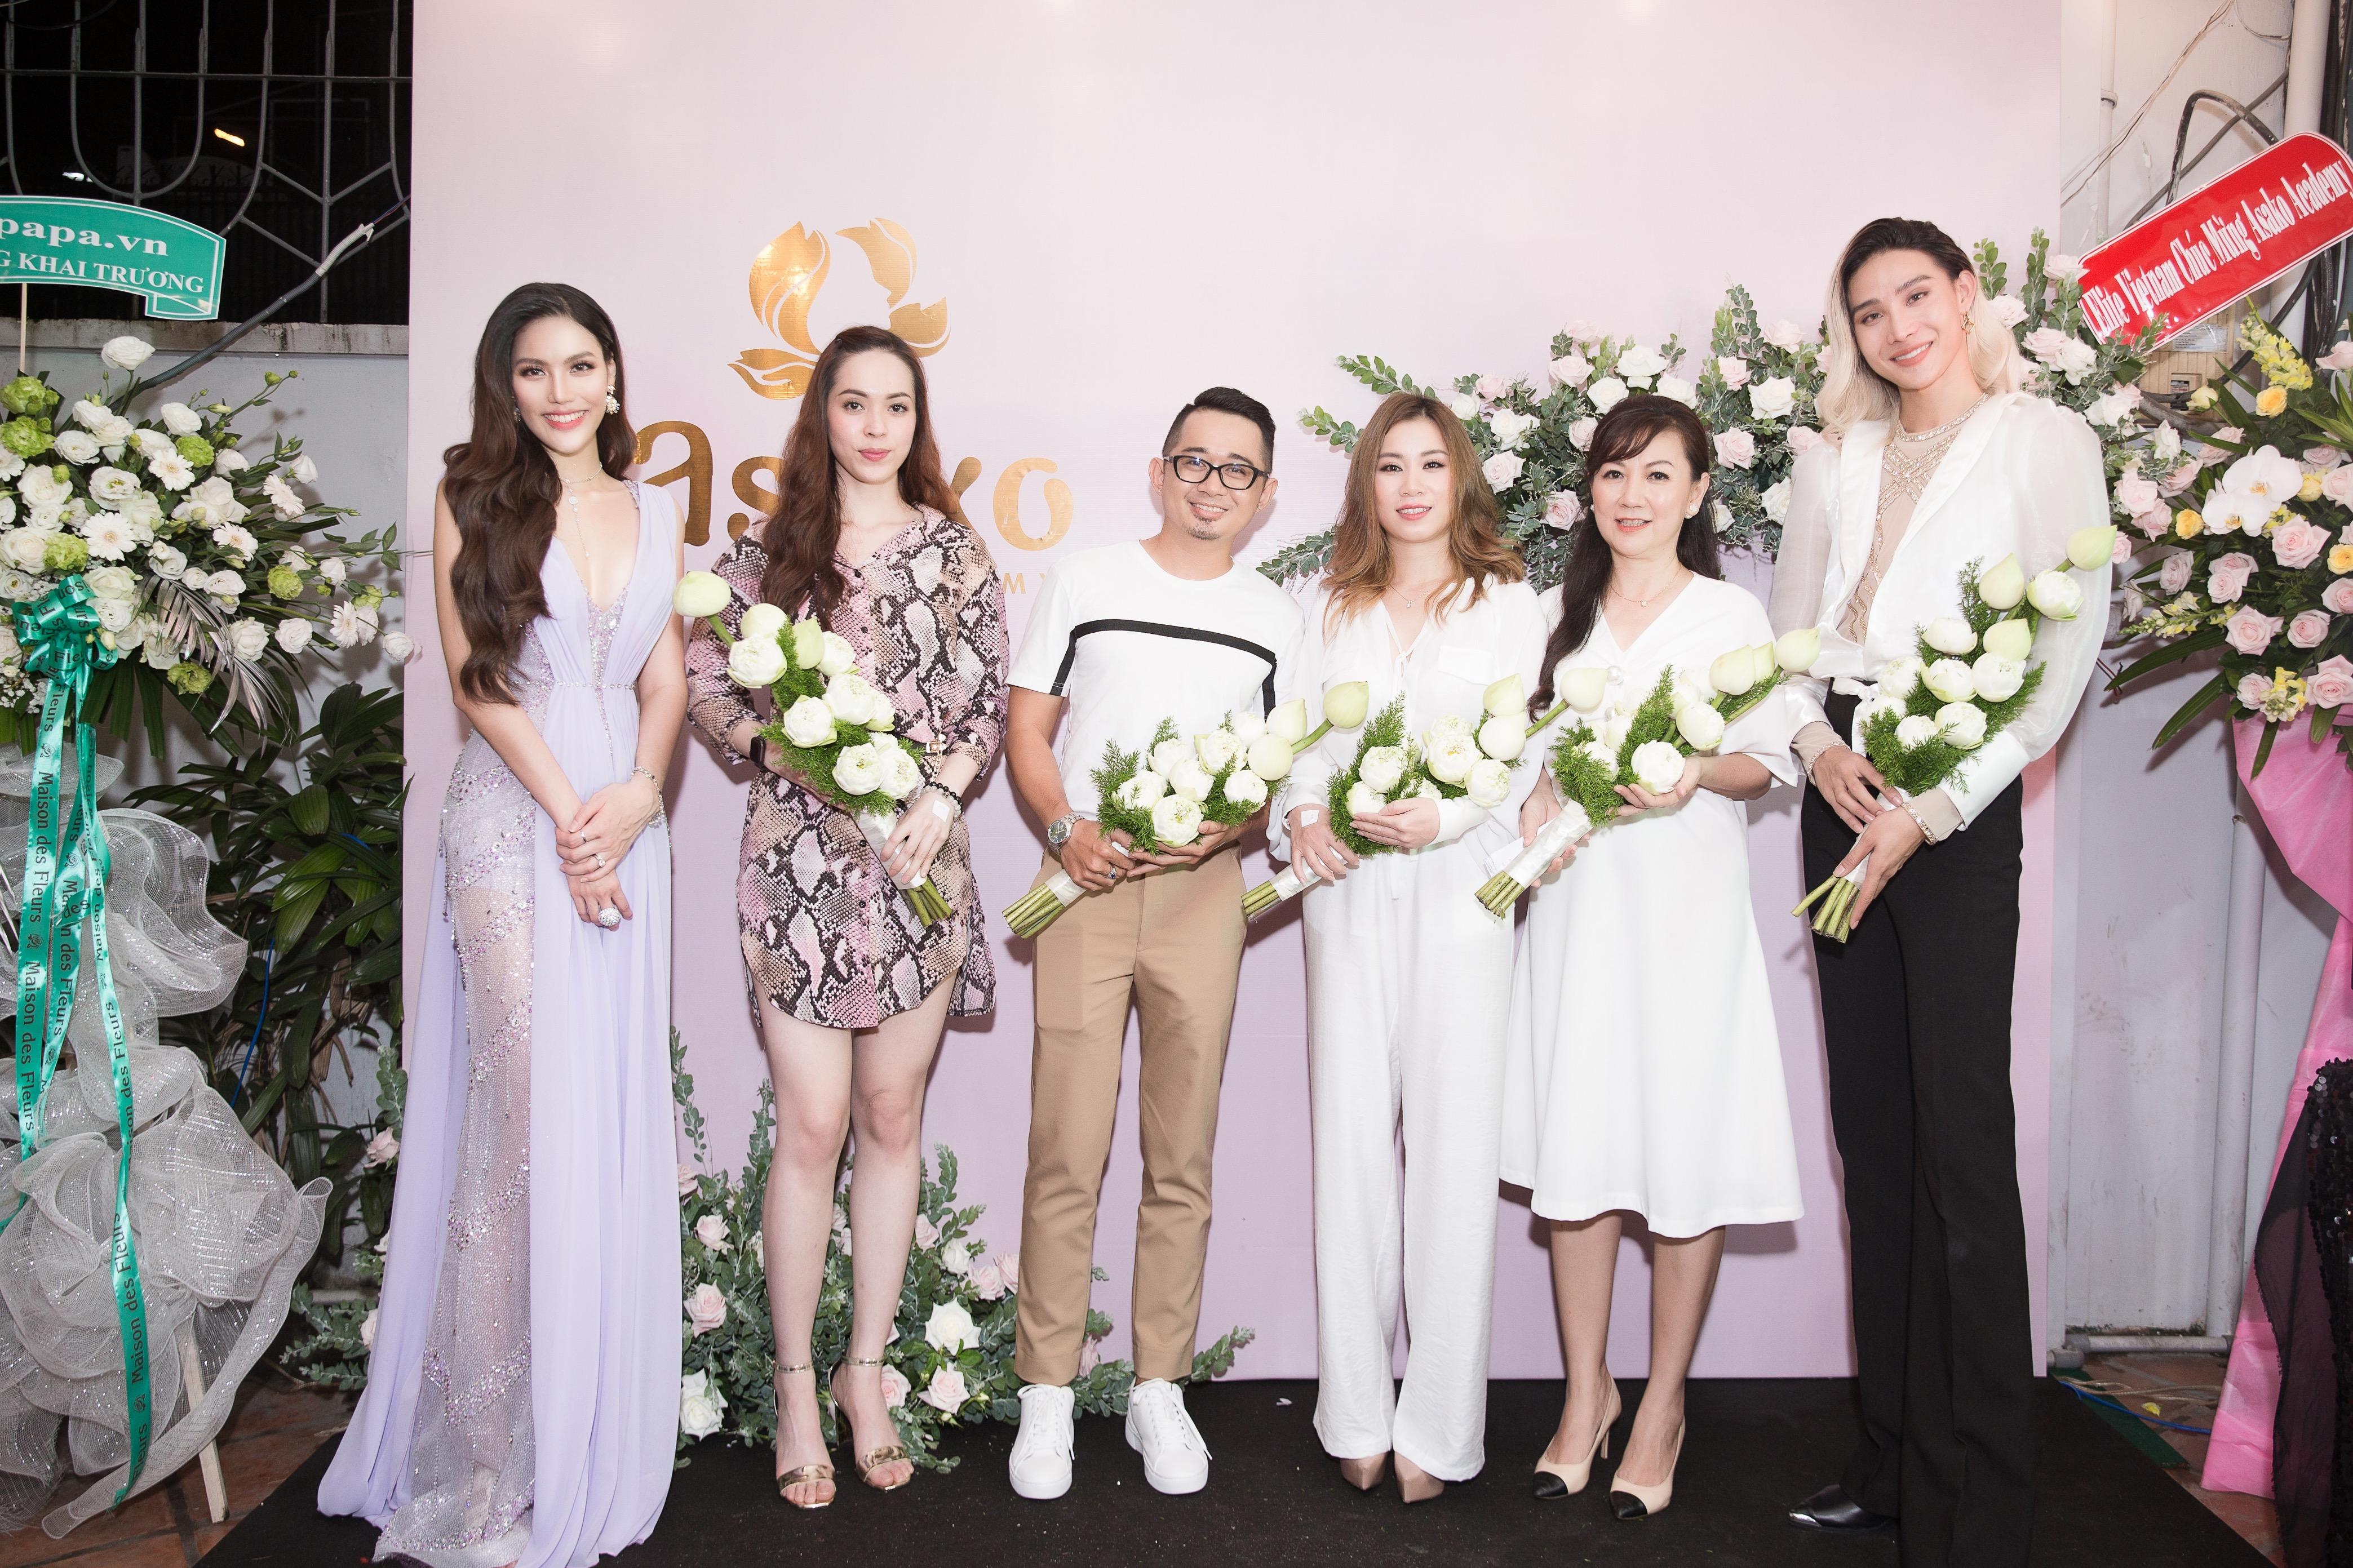 MiD Nguyễn hợp tác kinh doanh với Lan Khuê